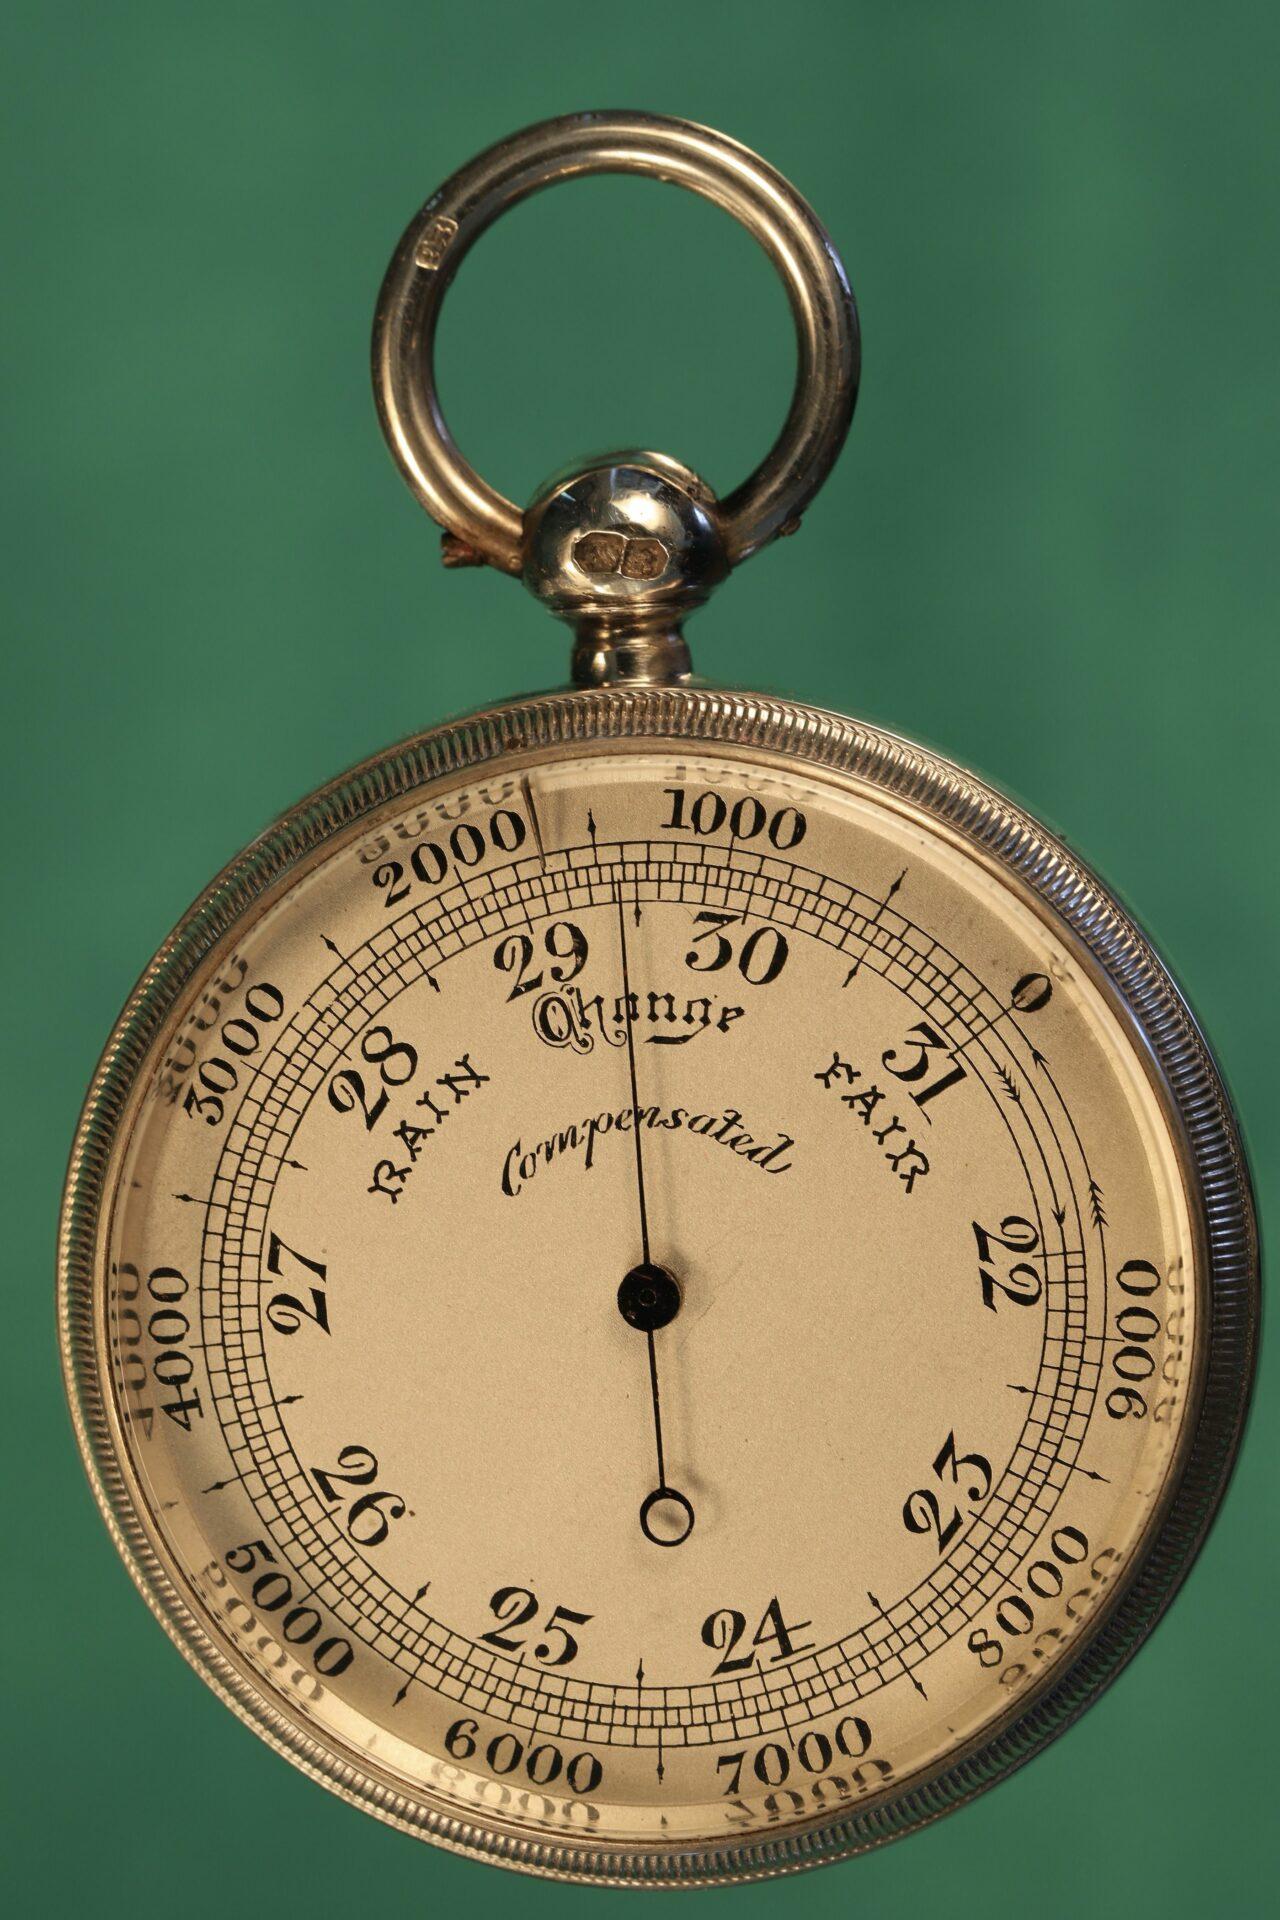 Image of pocket barometer from Cairns Silver Pocket Barometer Compendium c1892